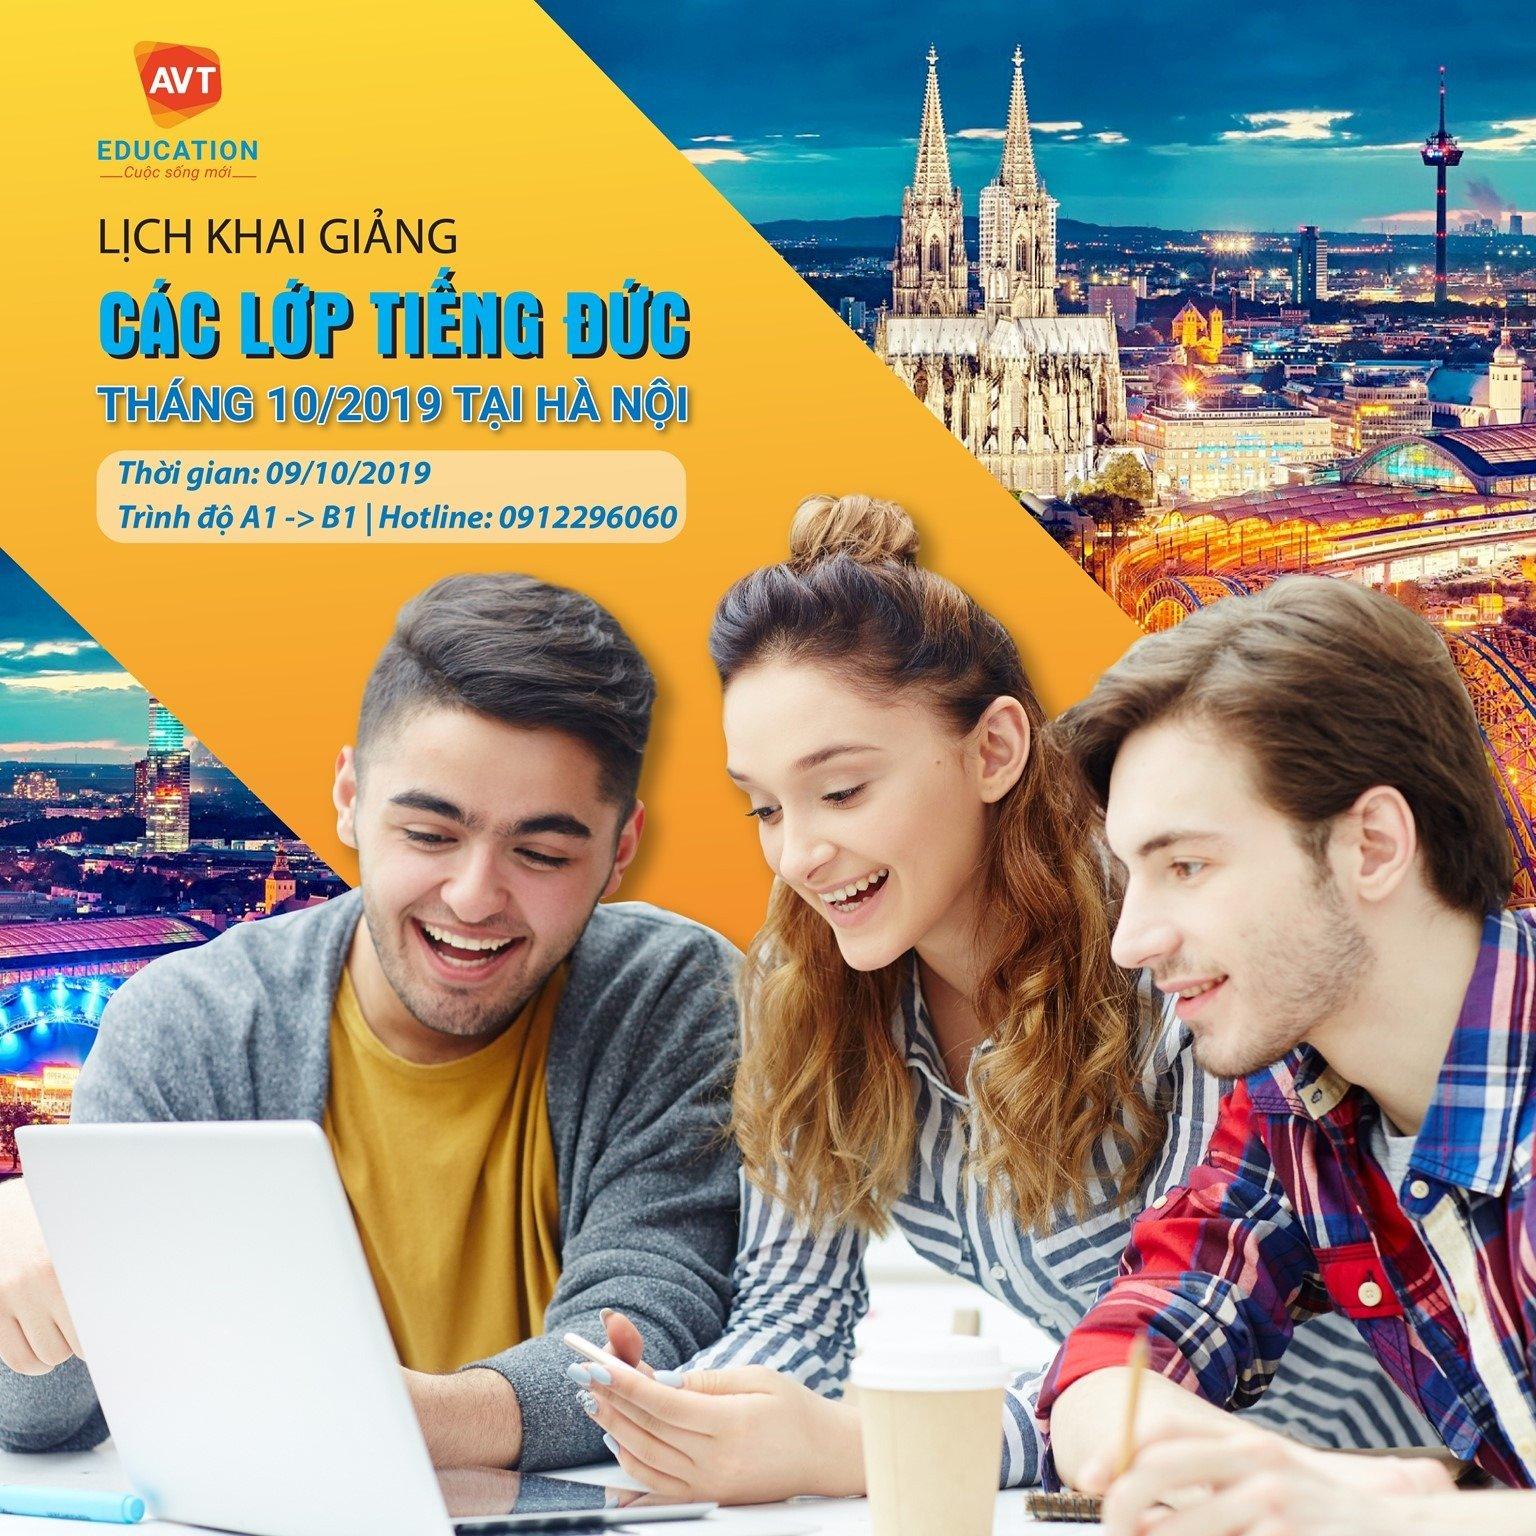 Lịch khai giảng tiếng Đức tháng 10/2019